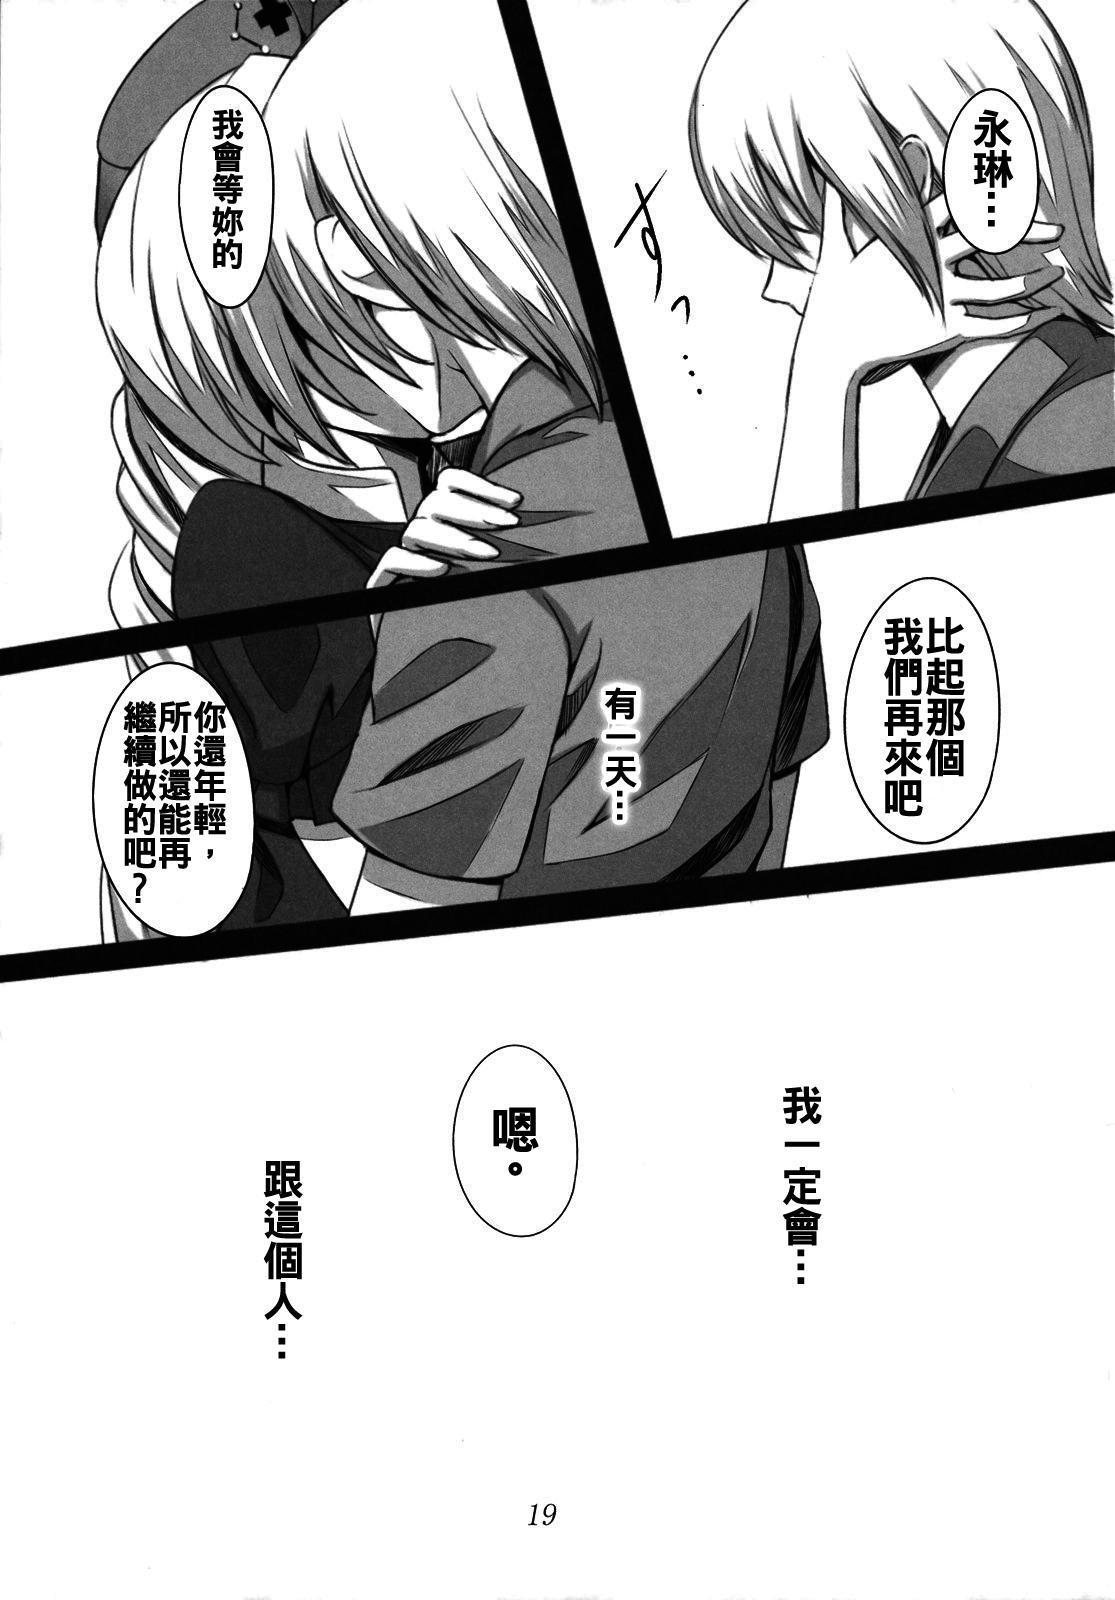 Shinsatsu Jikan Go 19